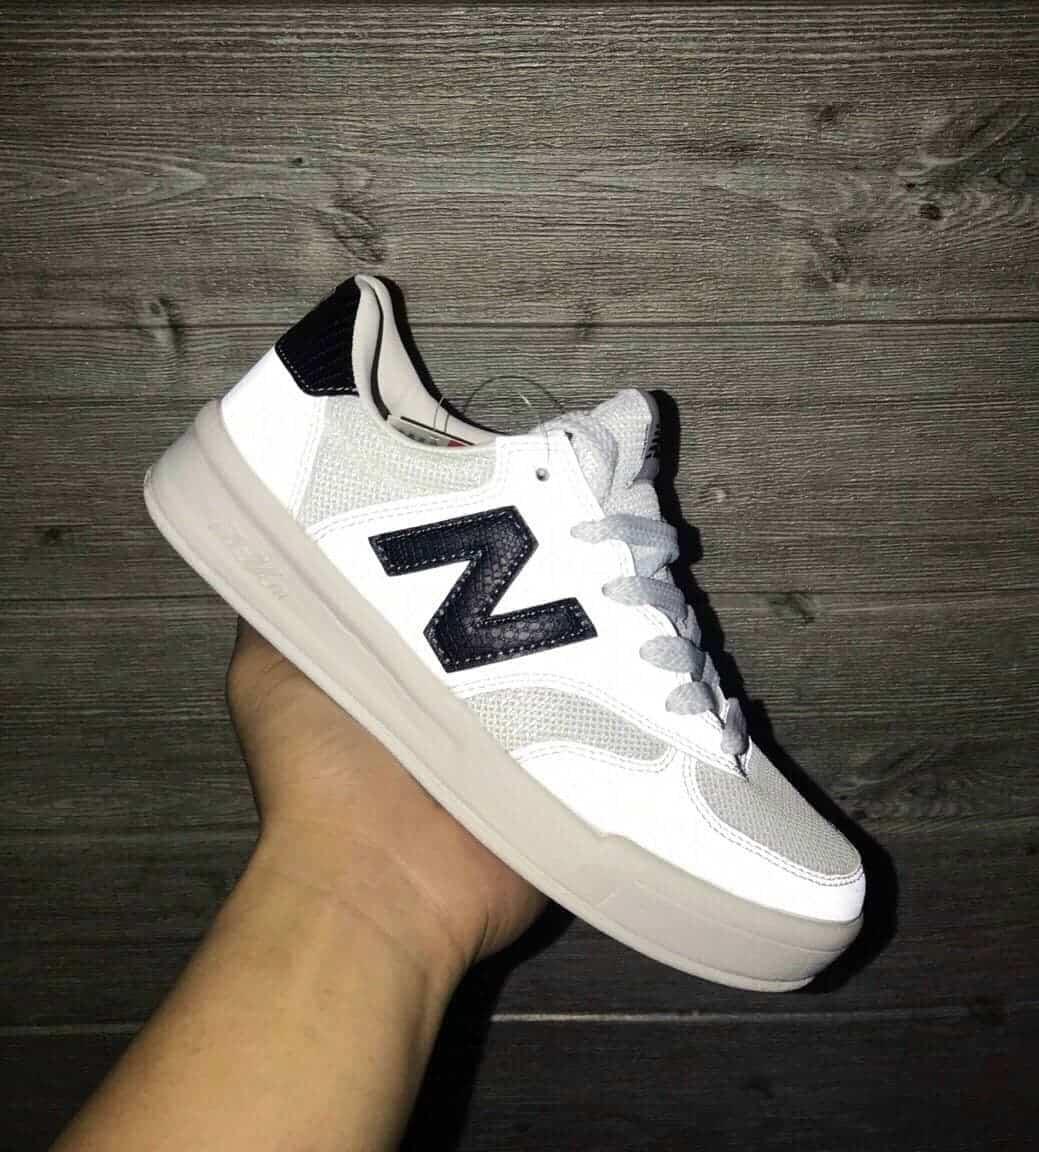 New Balance là sản phẩm giày đến từ Mỹ